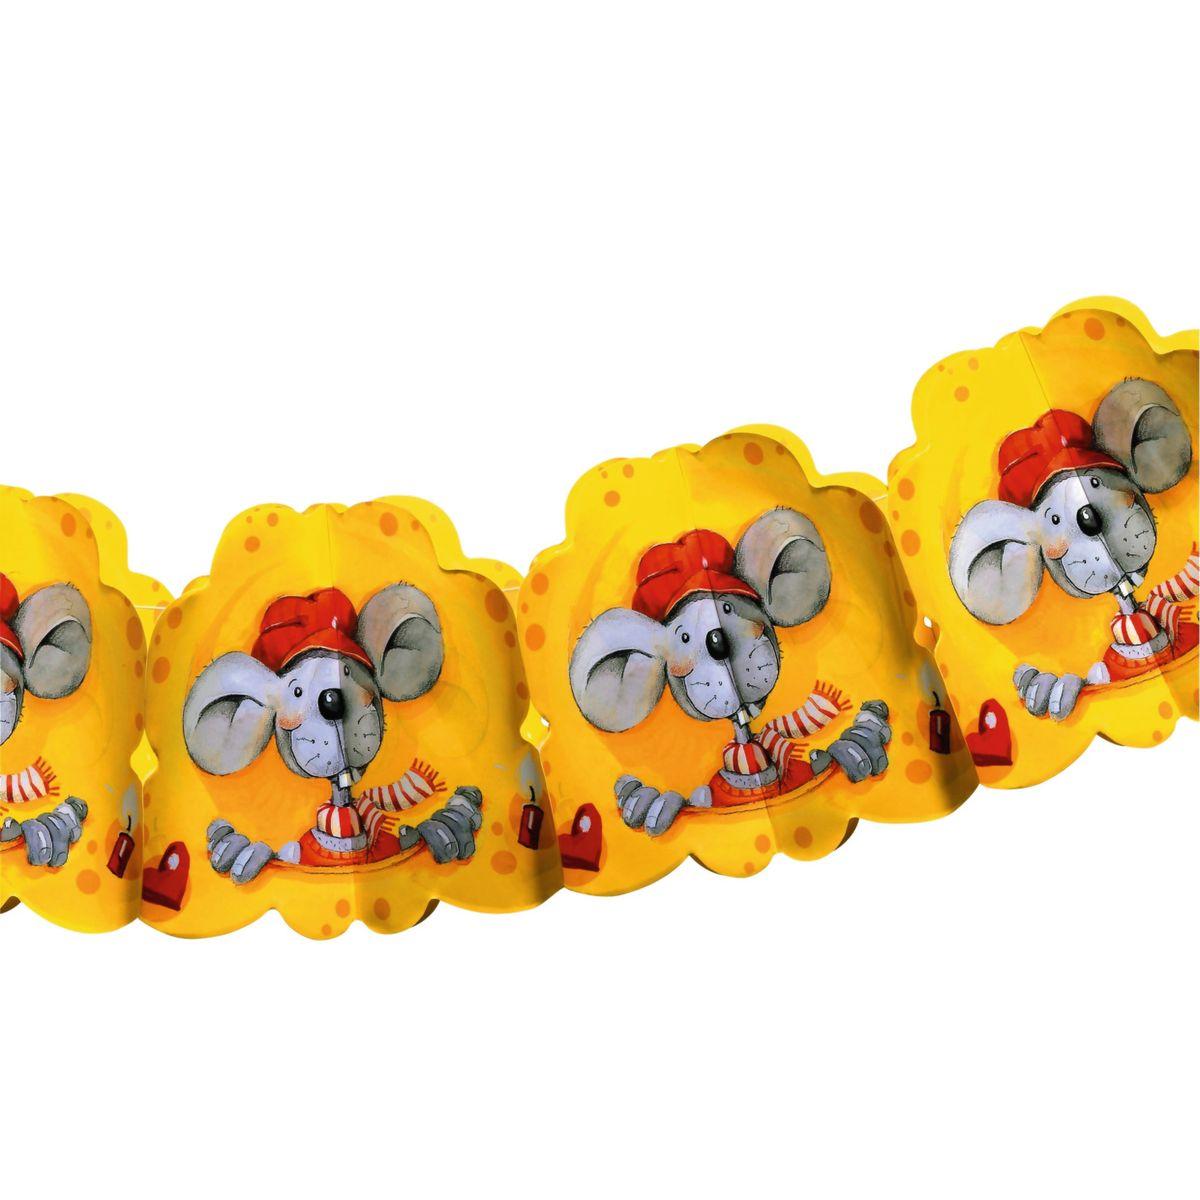 Susy Card Гирлянда детская Мышь - Гирлянды и подвески